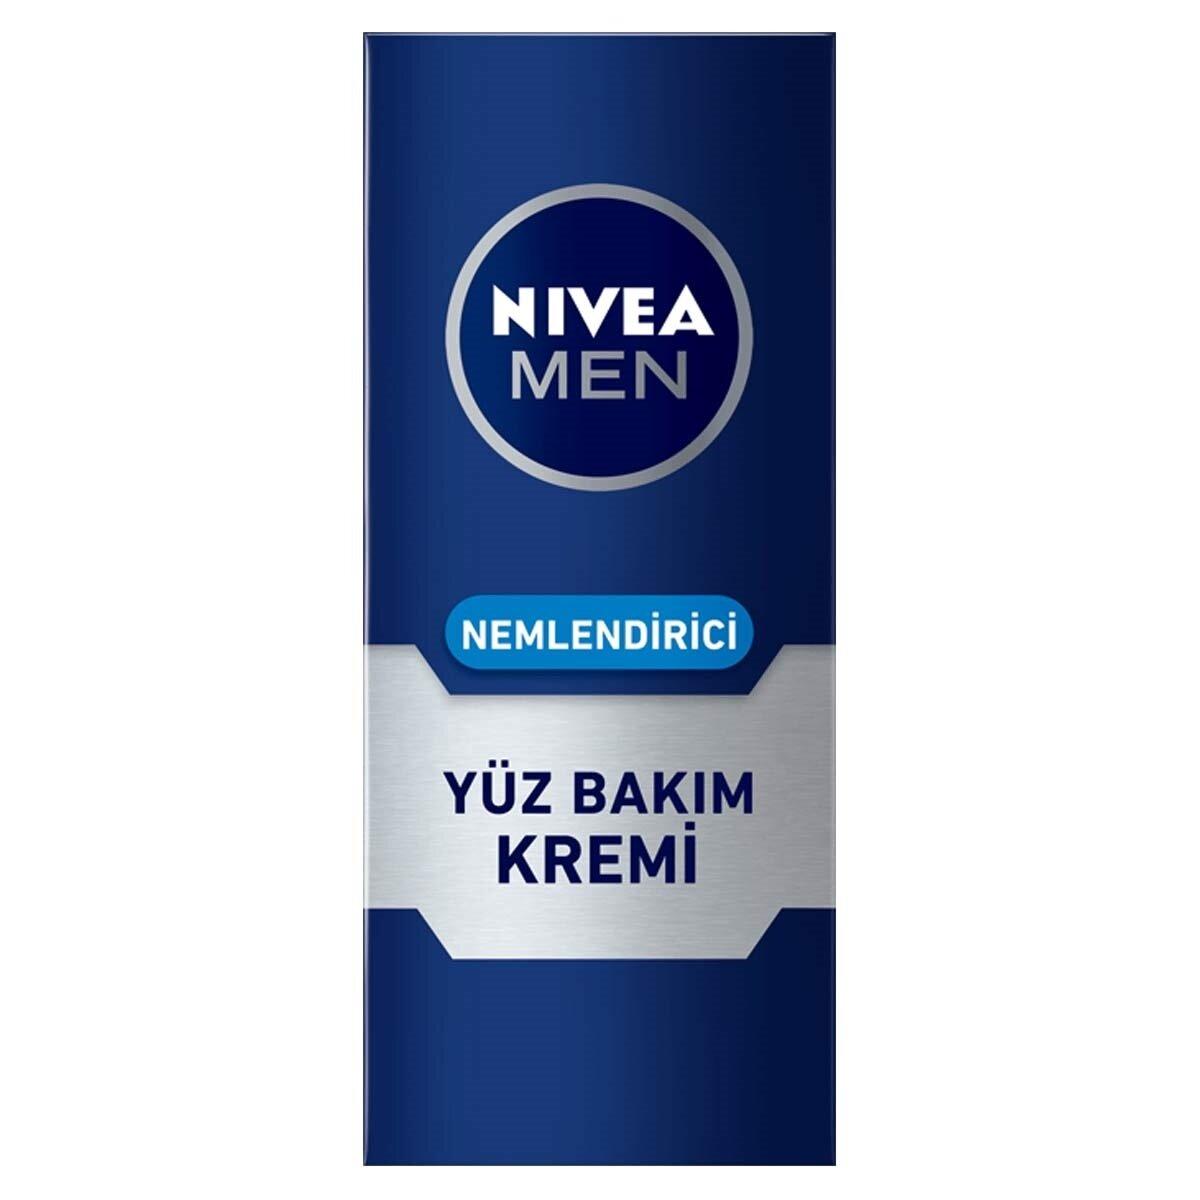 Erkekler İçin Nemlendirici Bakım Kremi 75 ml